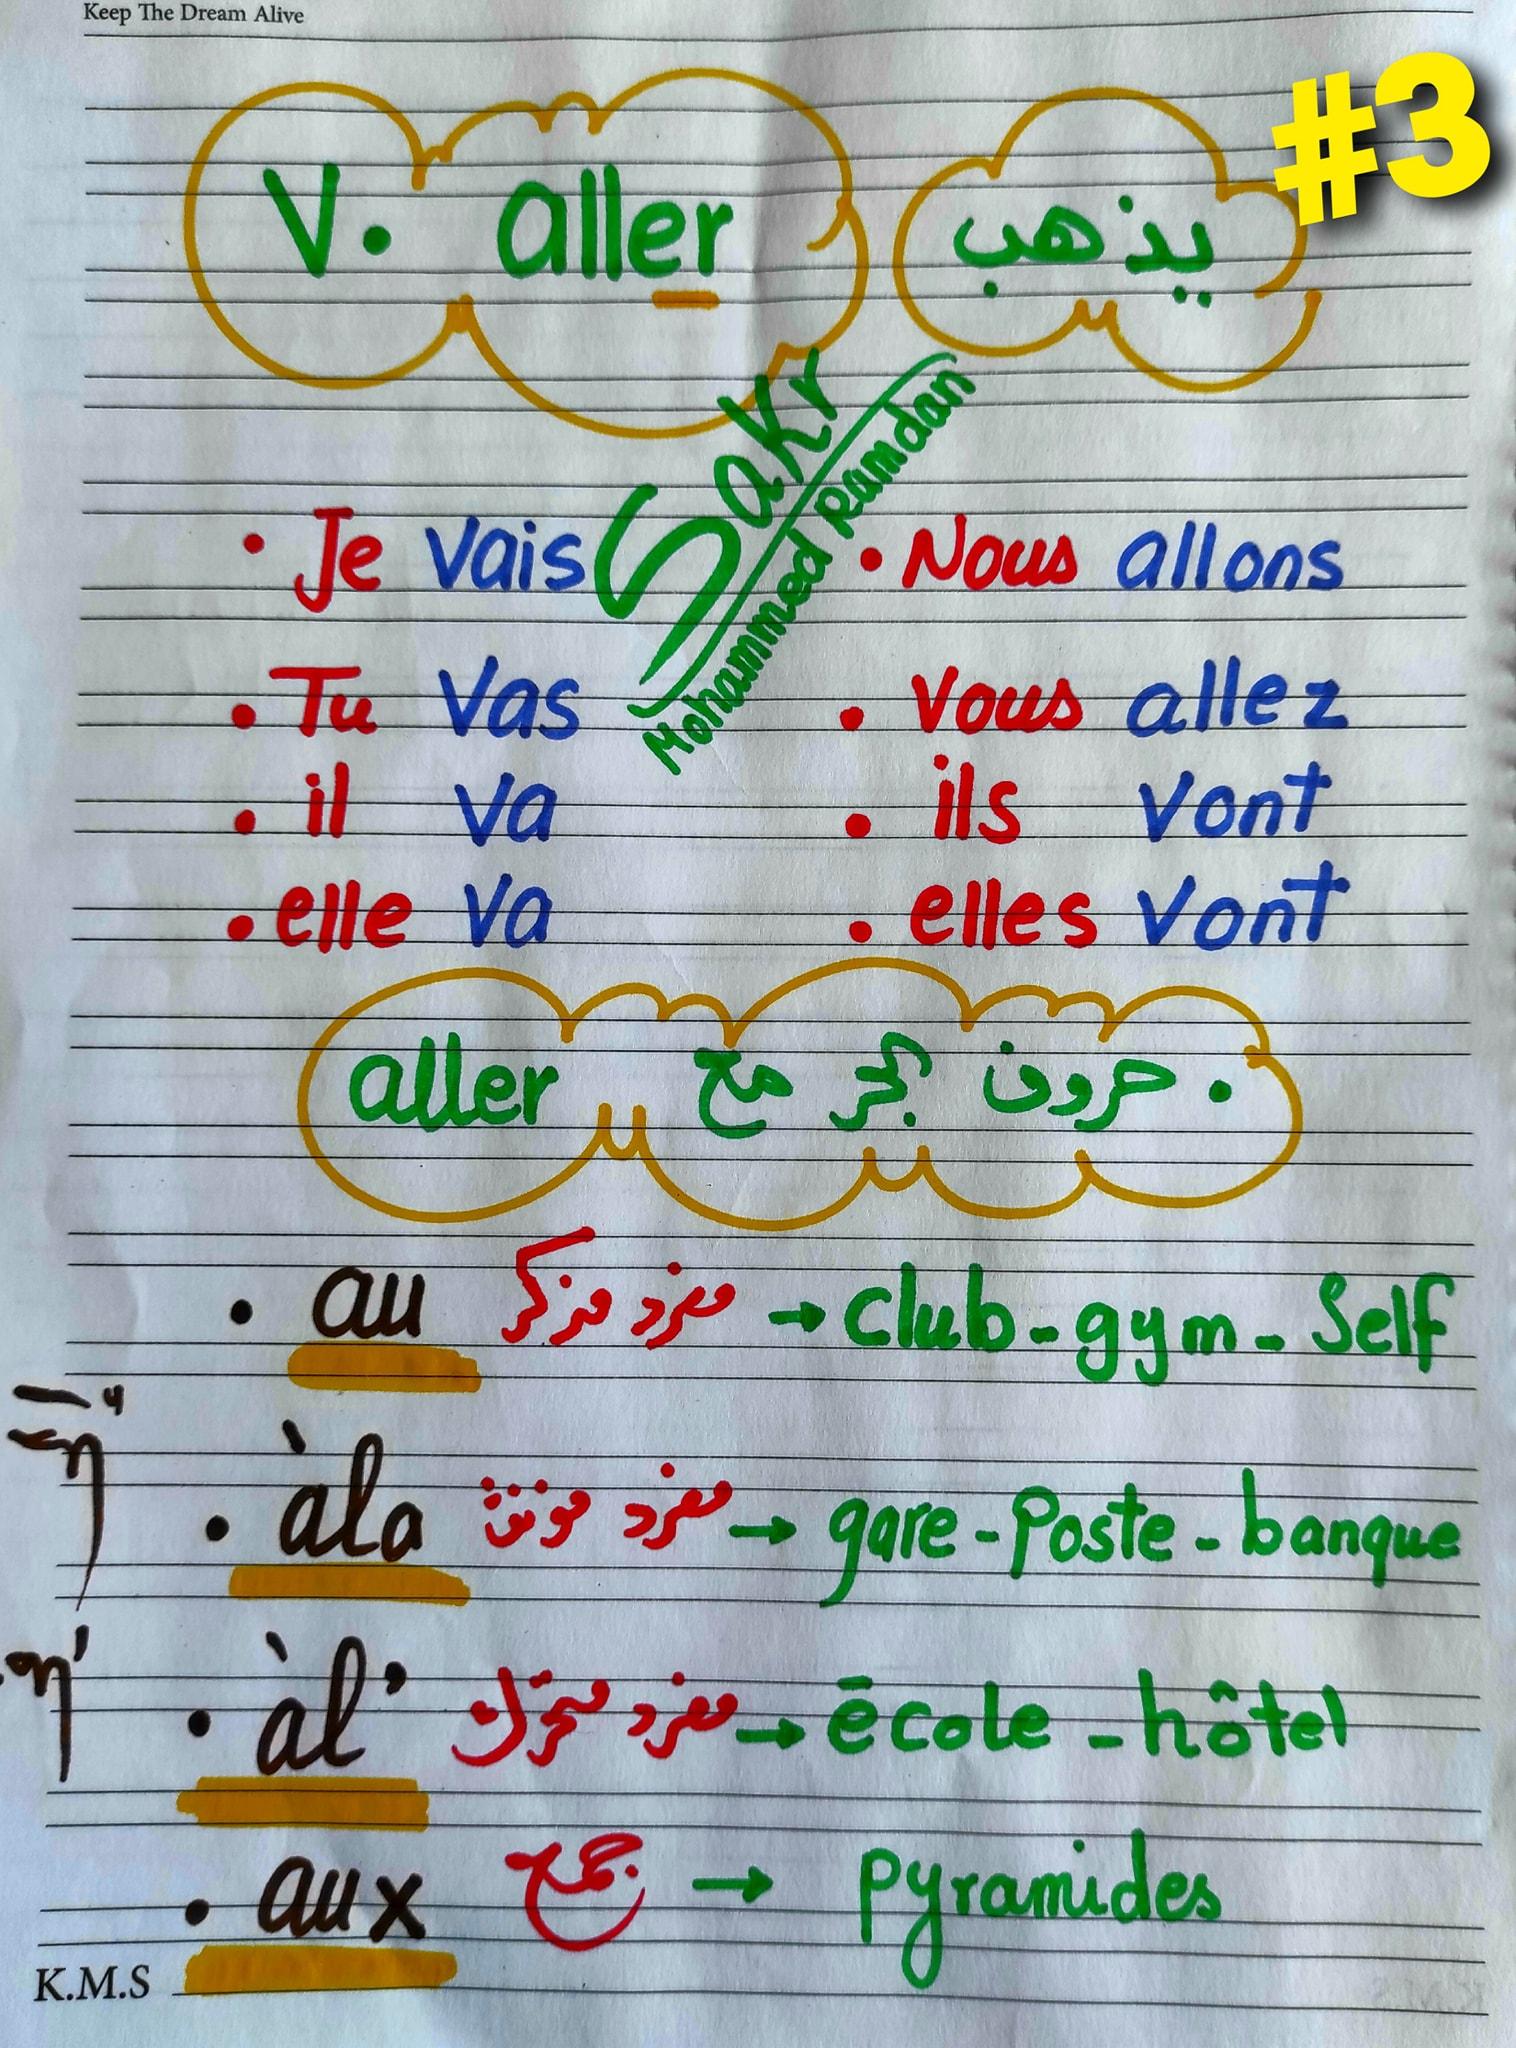 مراجعة شاملة لغة فرنسية للصف الاول الثانوي ترم ثاني.. أهم الكلمات والقواعد و 200 سؤال مجاب  2